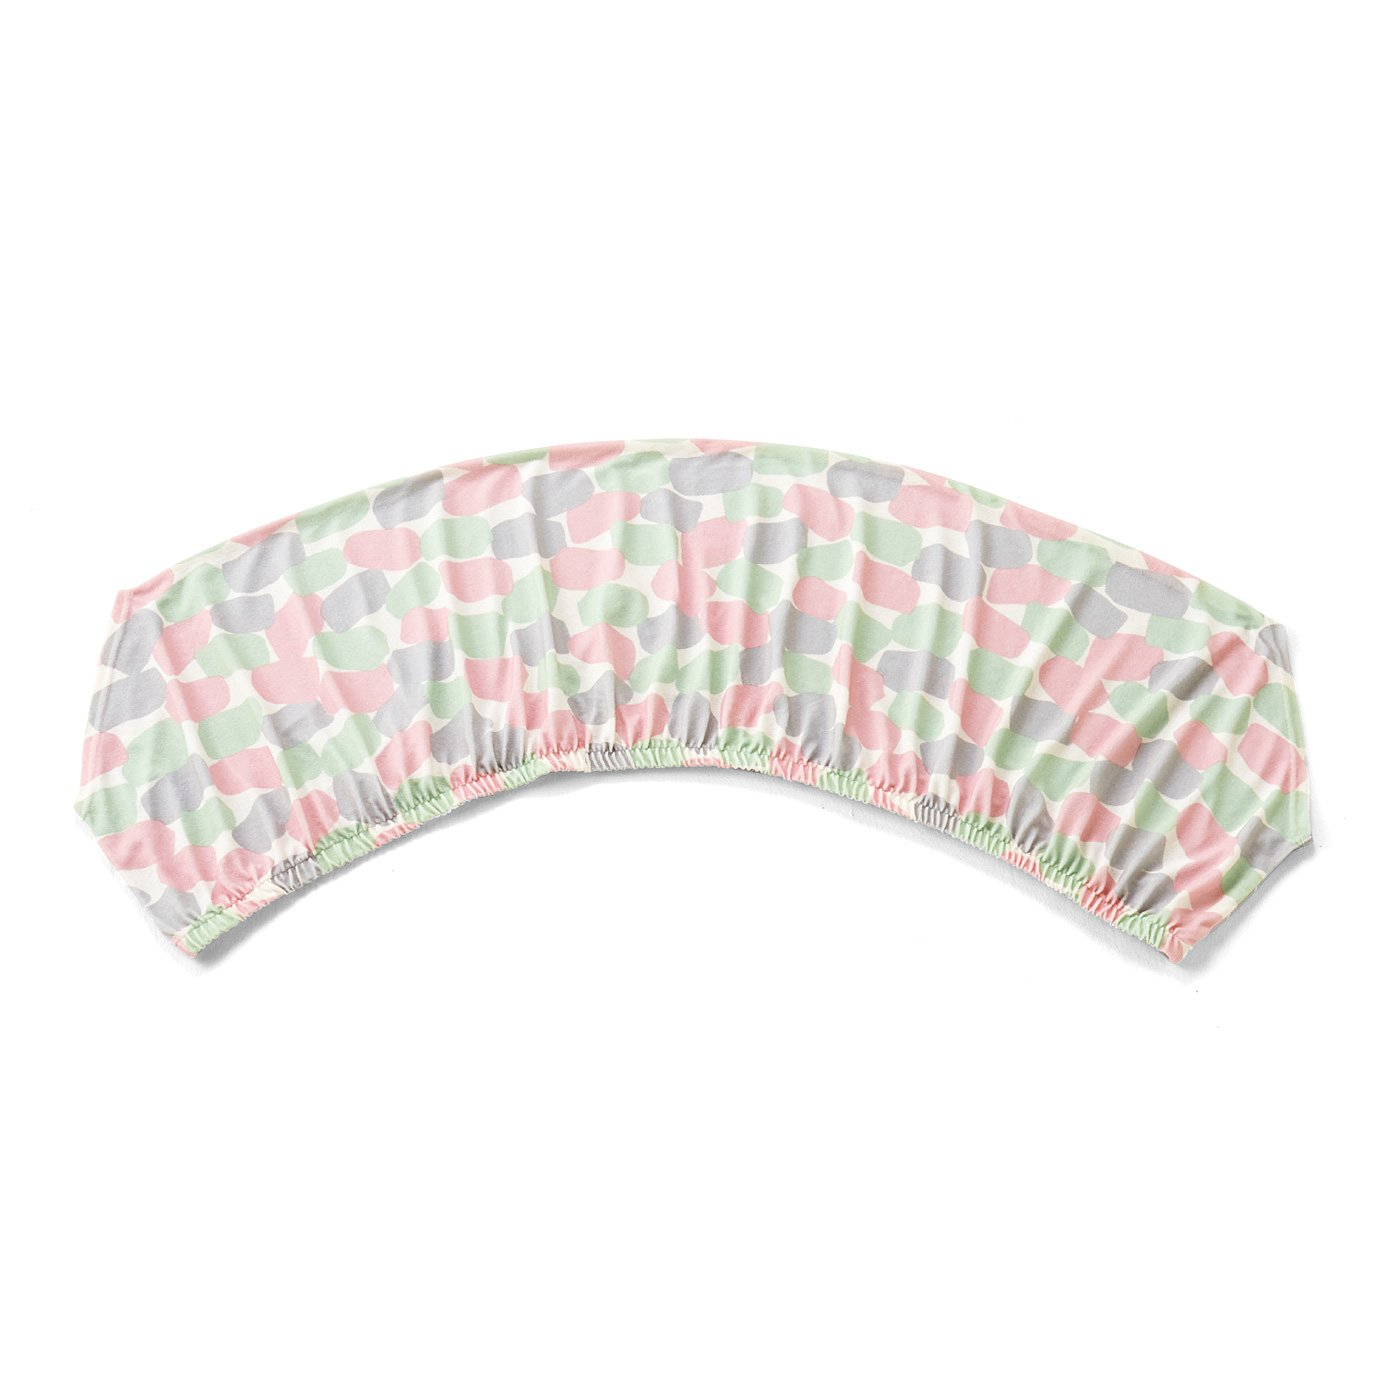 365日快眠仕立て 滑らかパイルが気持ちいい プリズム柄の衿カバーの会